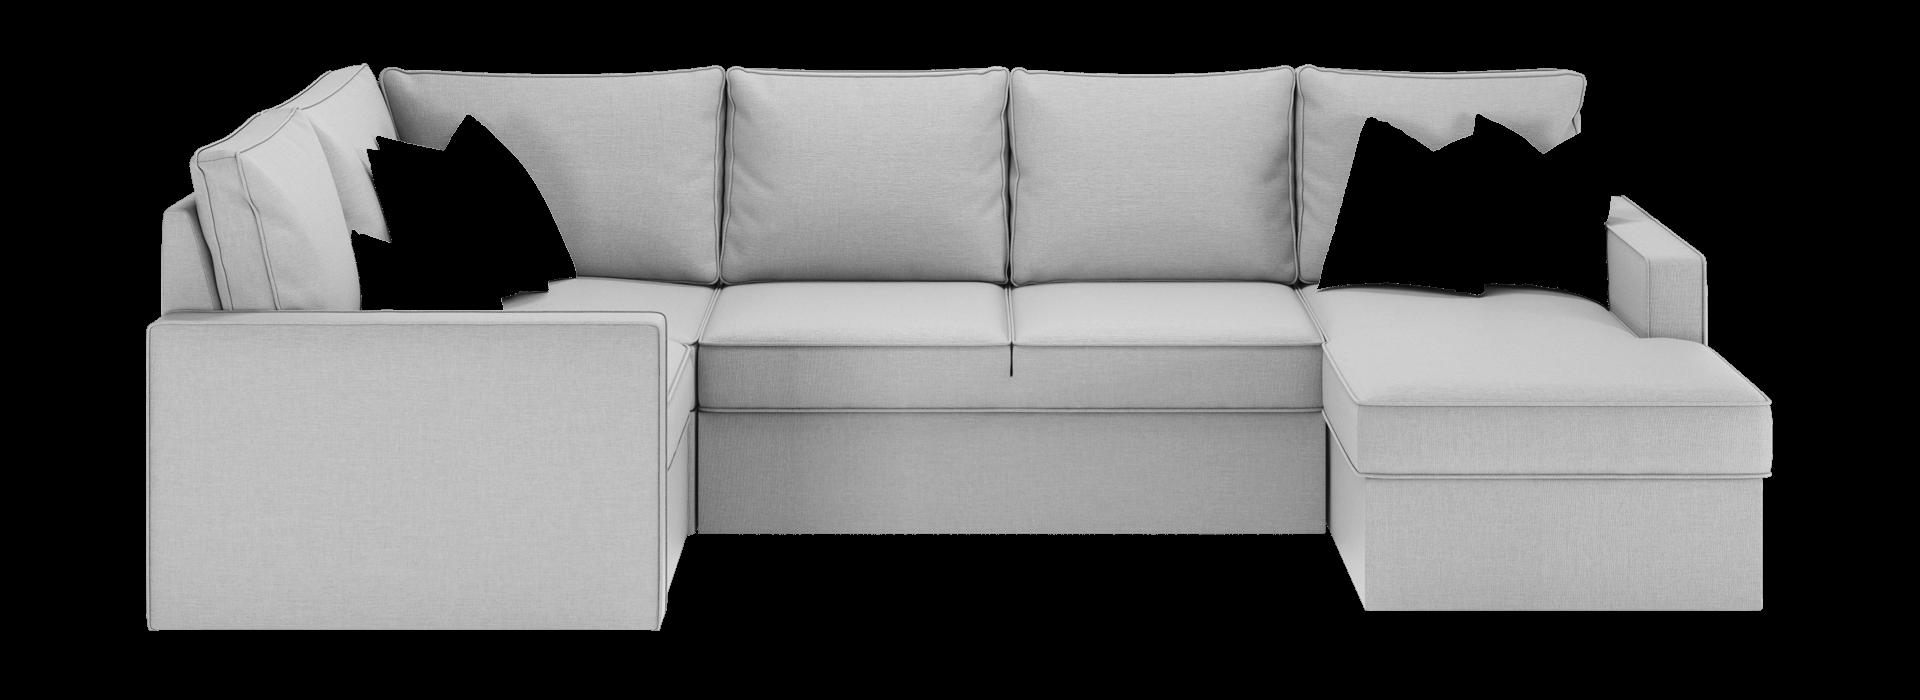 Лінкольн В модульний кутовий диван - маска 1